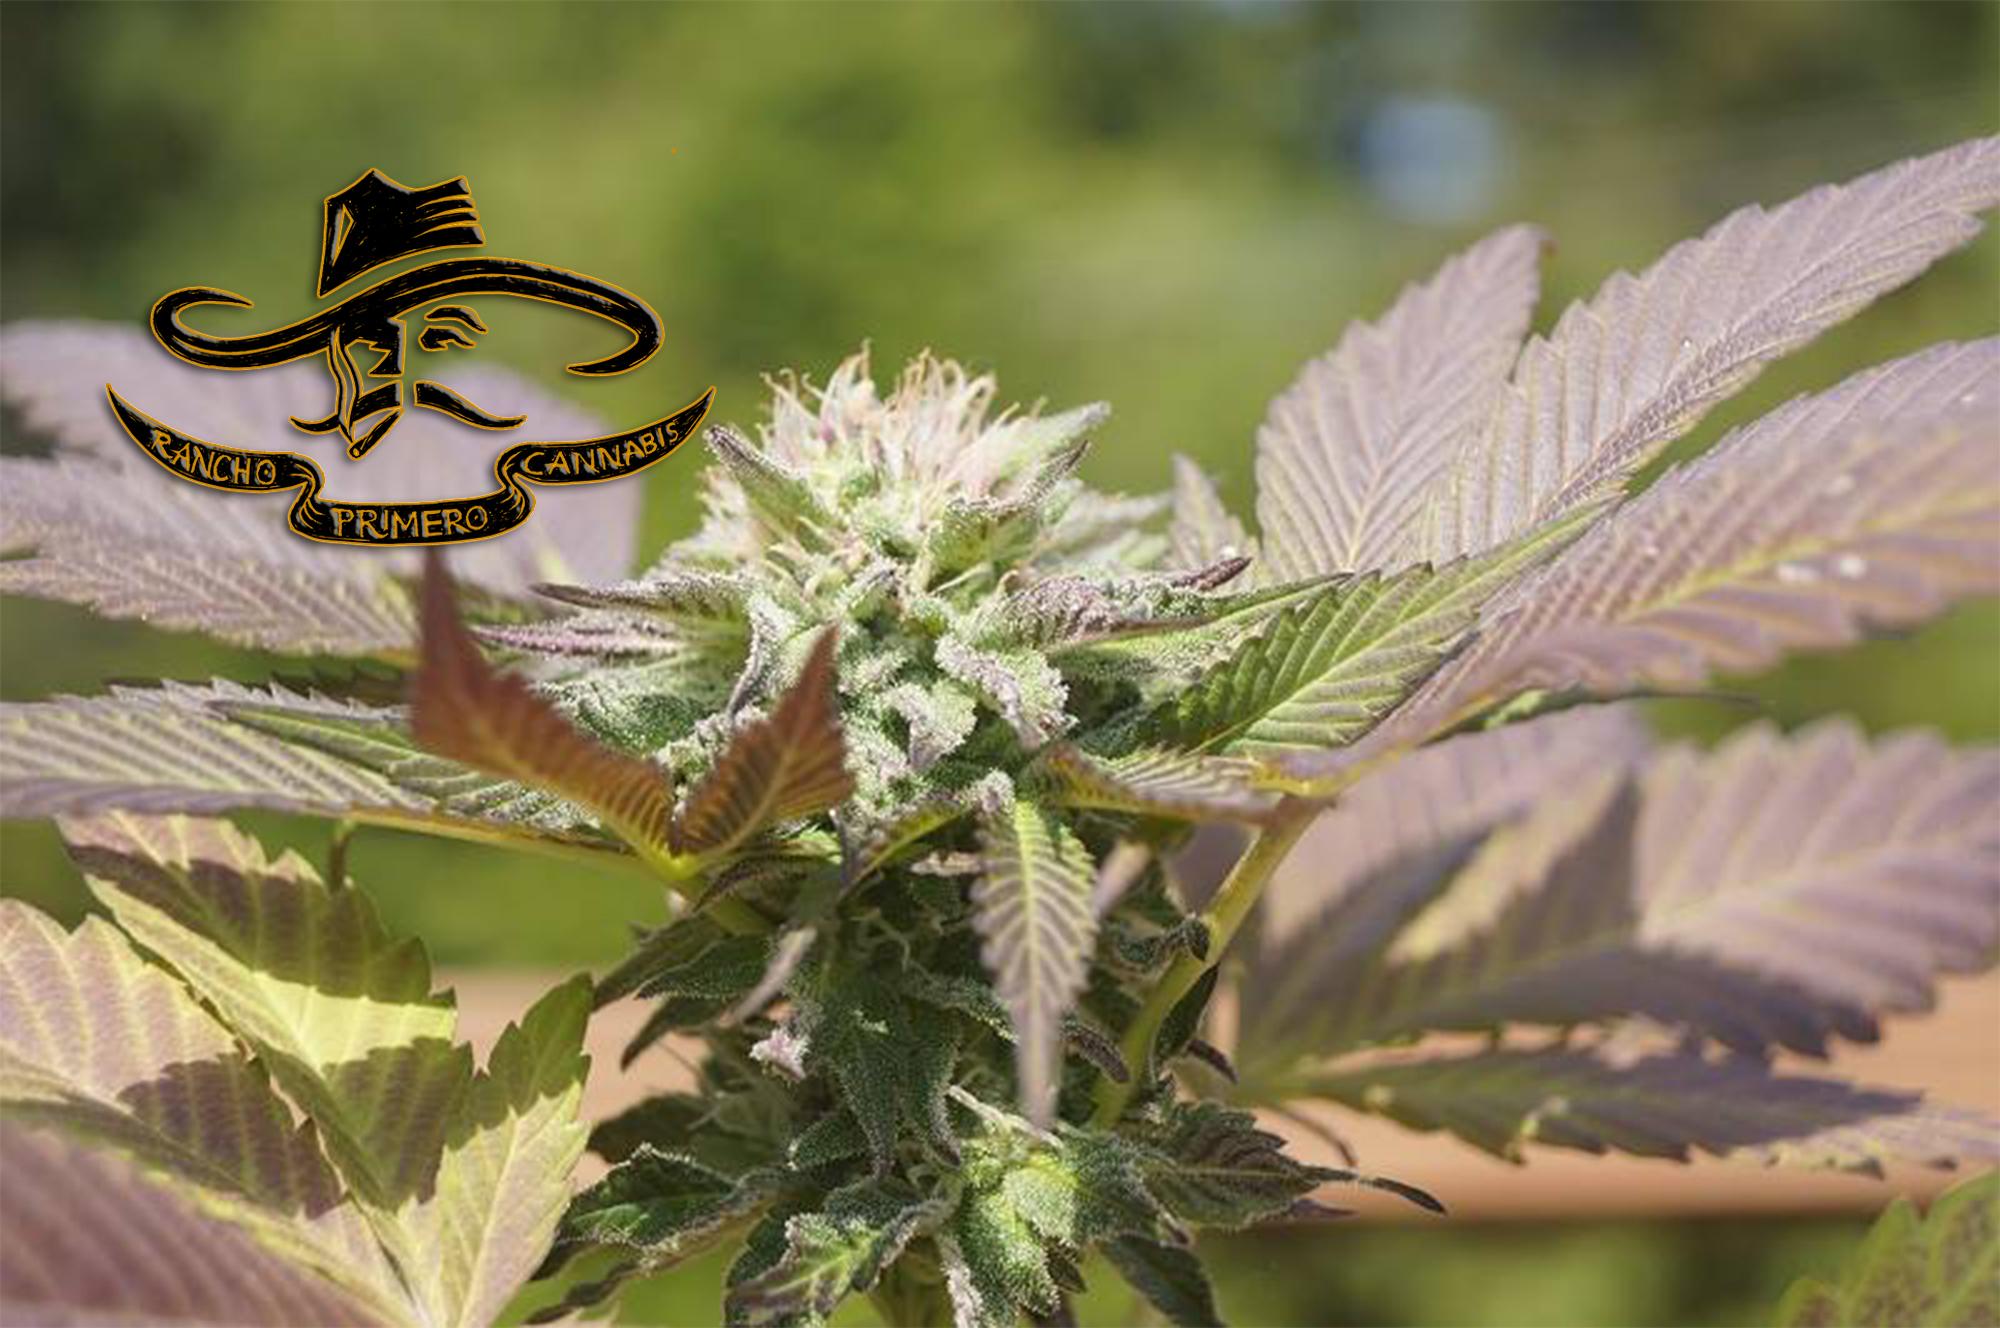 Rancho Primero Fine Cannabis